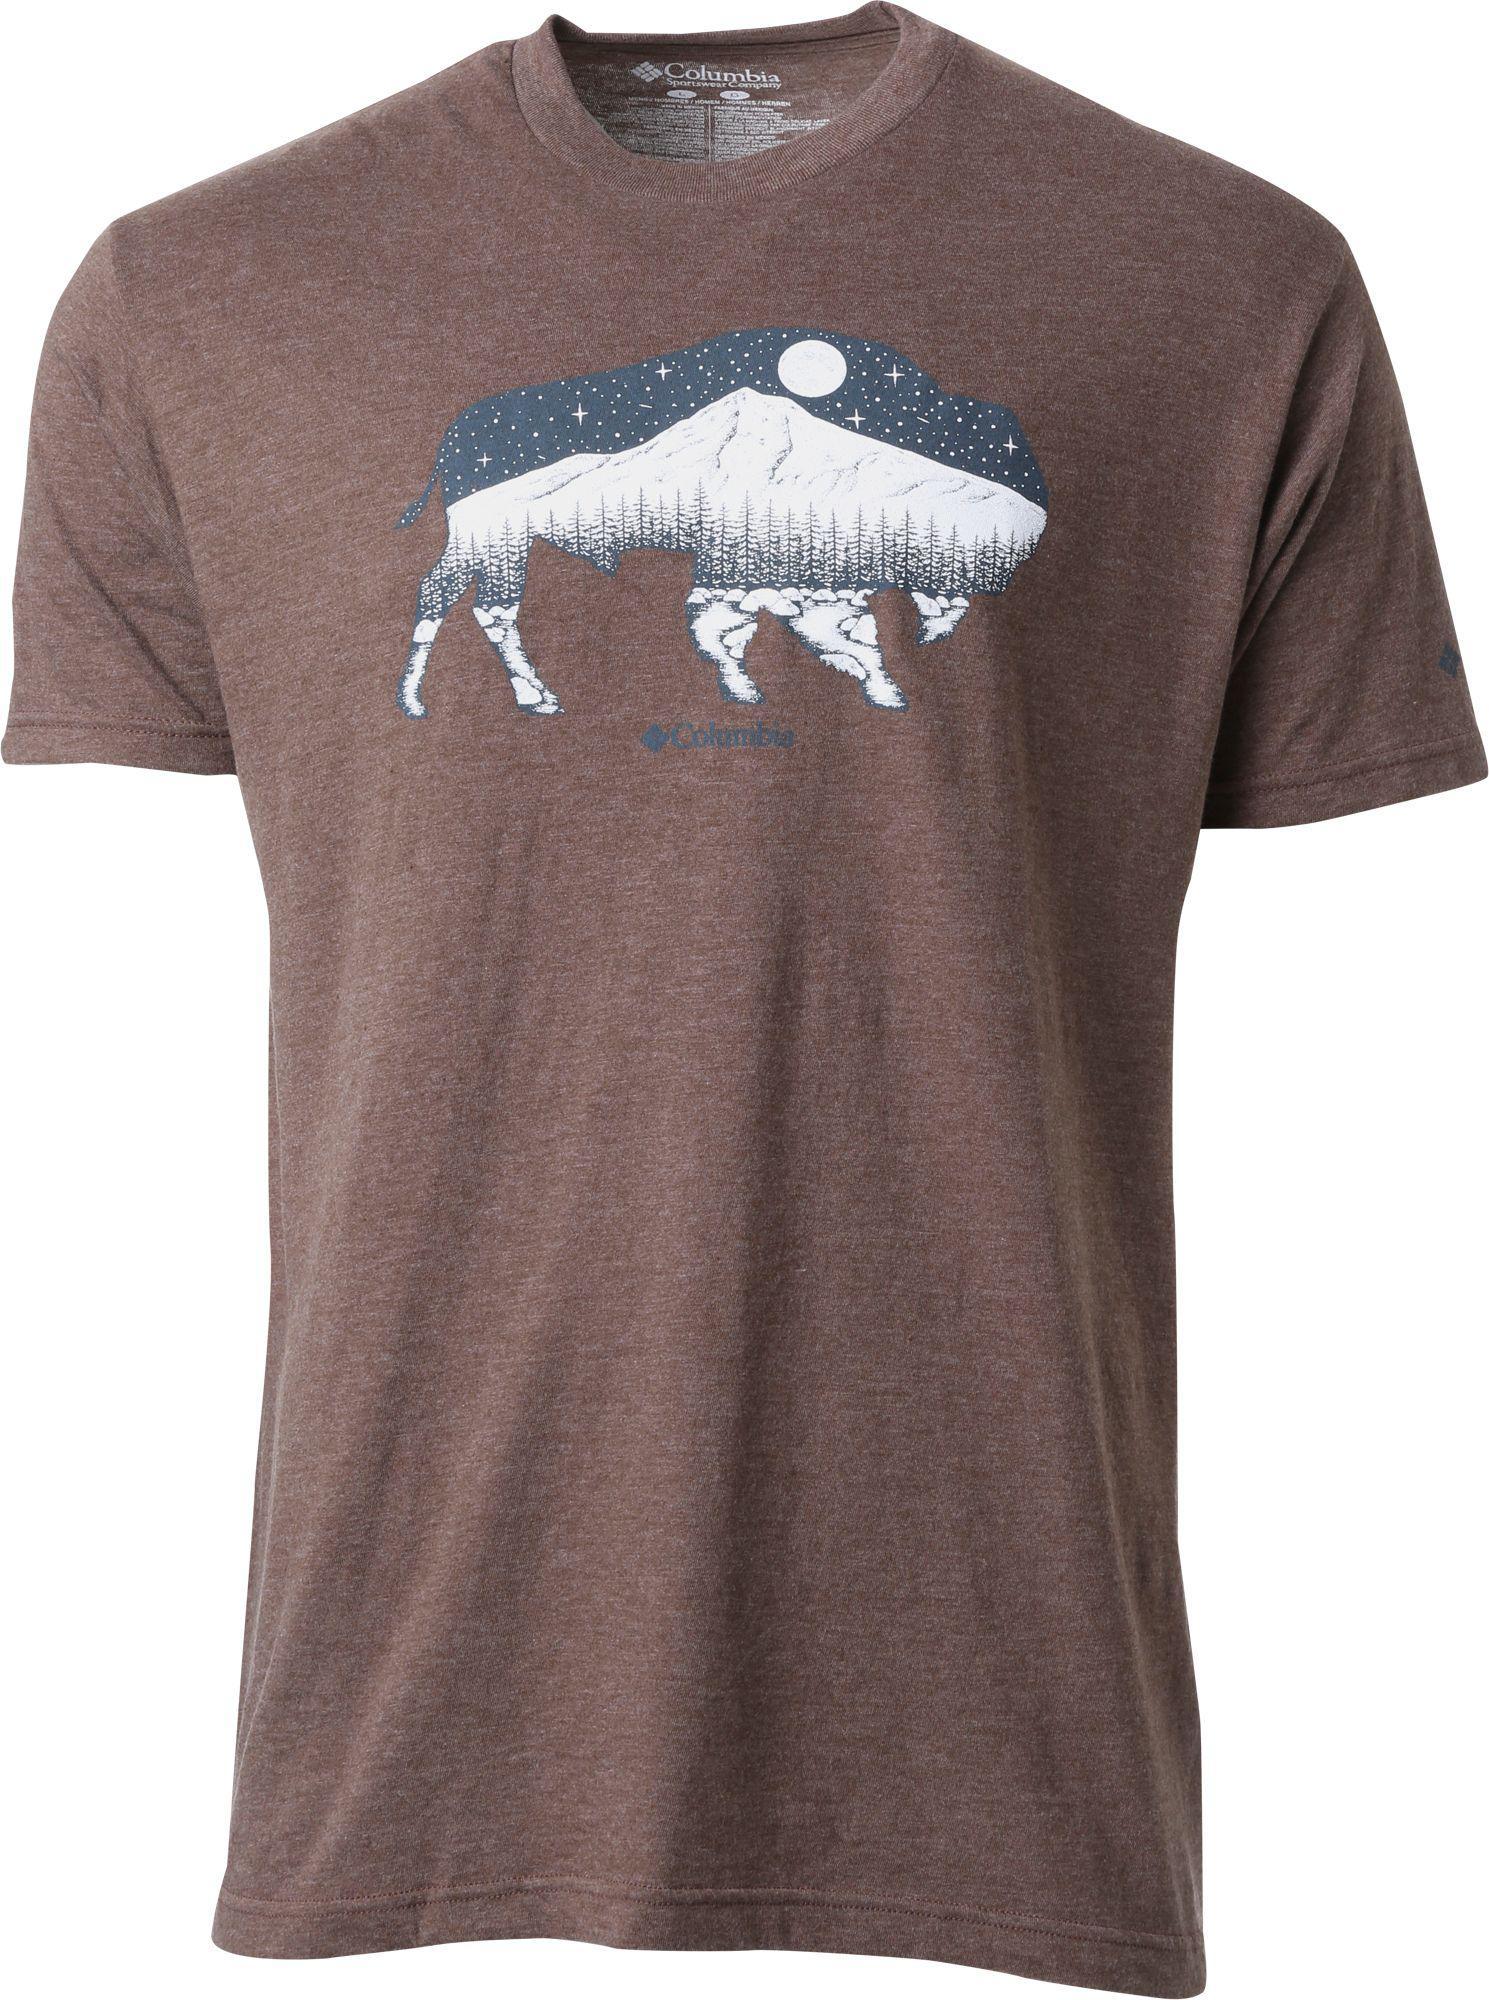 04f76b7ea Lyst - Columbia Rigel T-shirt for Men